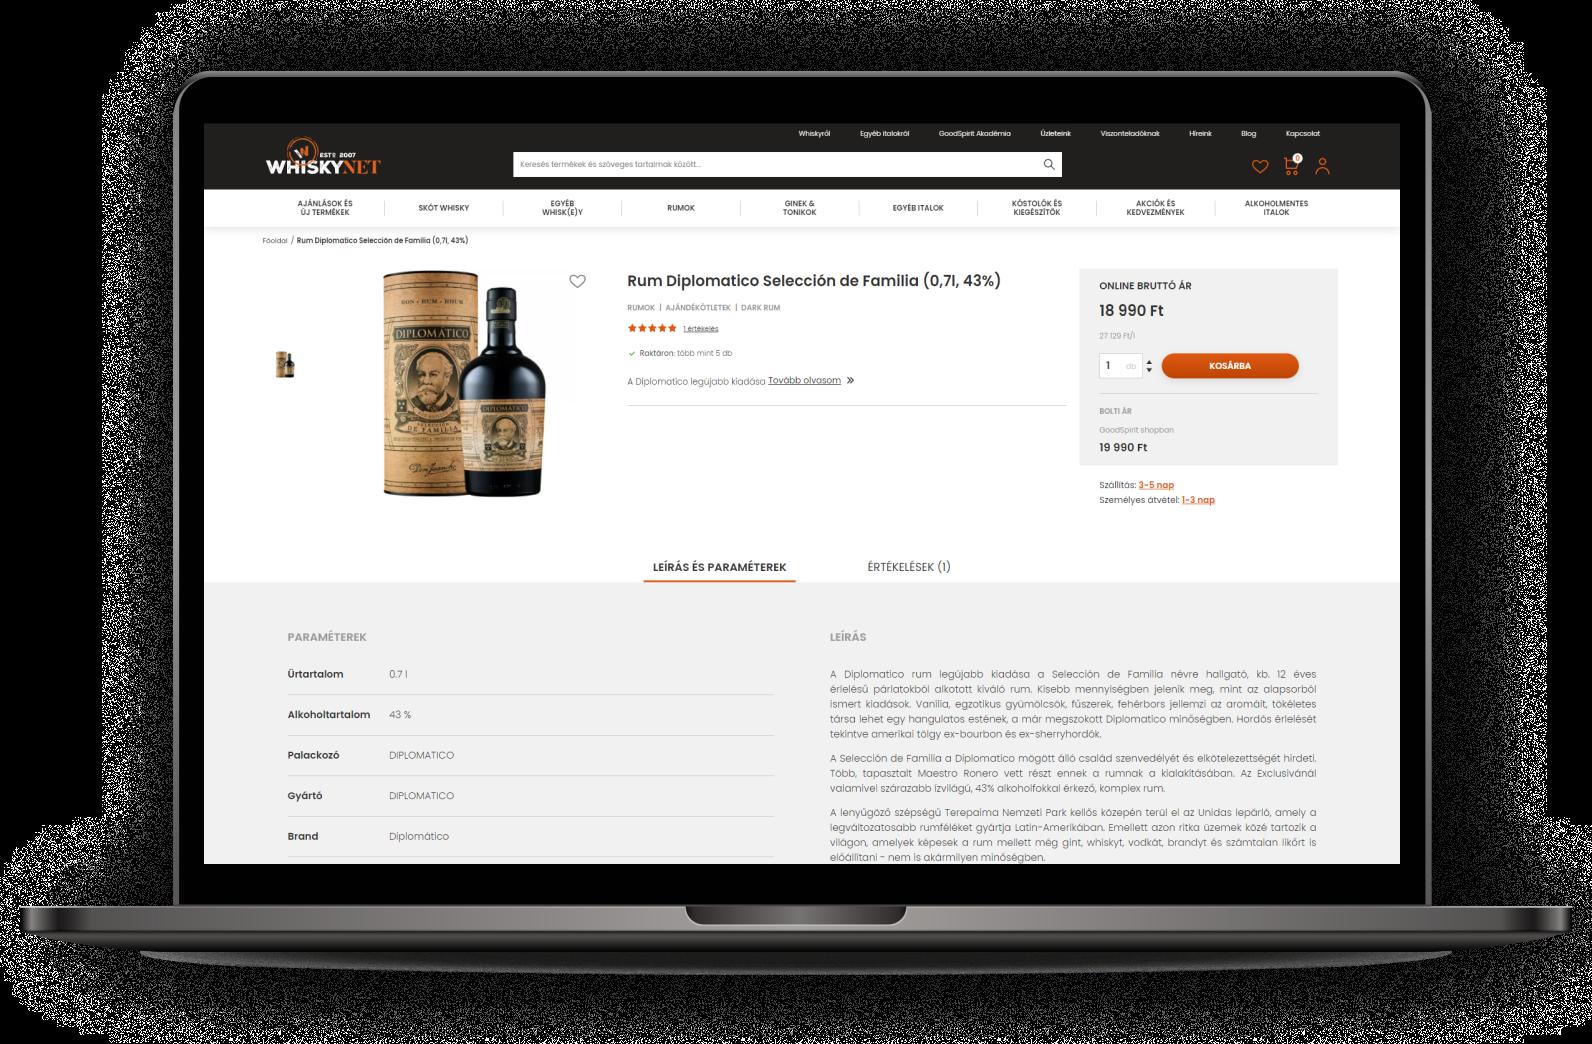 Webshop készítés Logishop alapokon: elindult a WhiskyNet új webáruháza